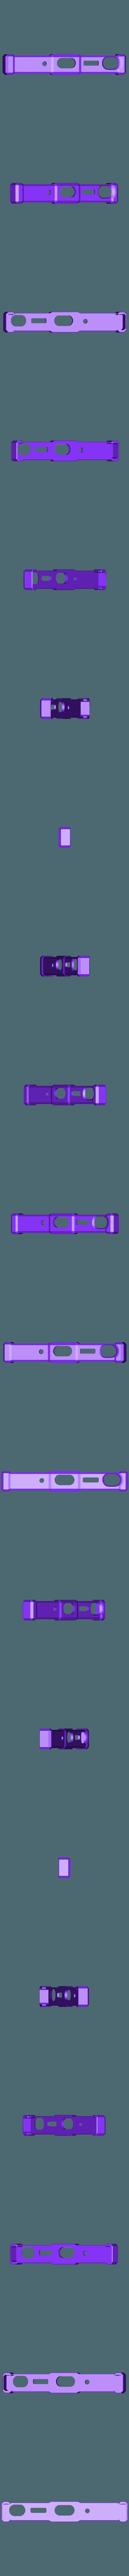 bottom.stl Télécharger fichier STL gratuit Samsung Galaxy Note 10+ Couverture pour usage intensif • Design pour imprimante 3D, MatsErik